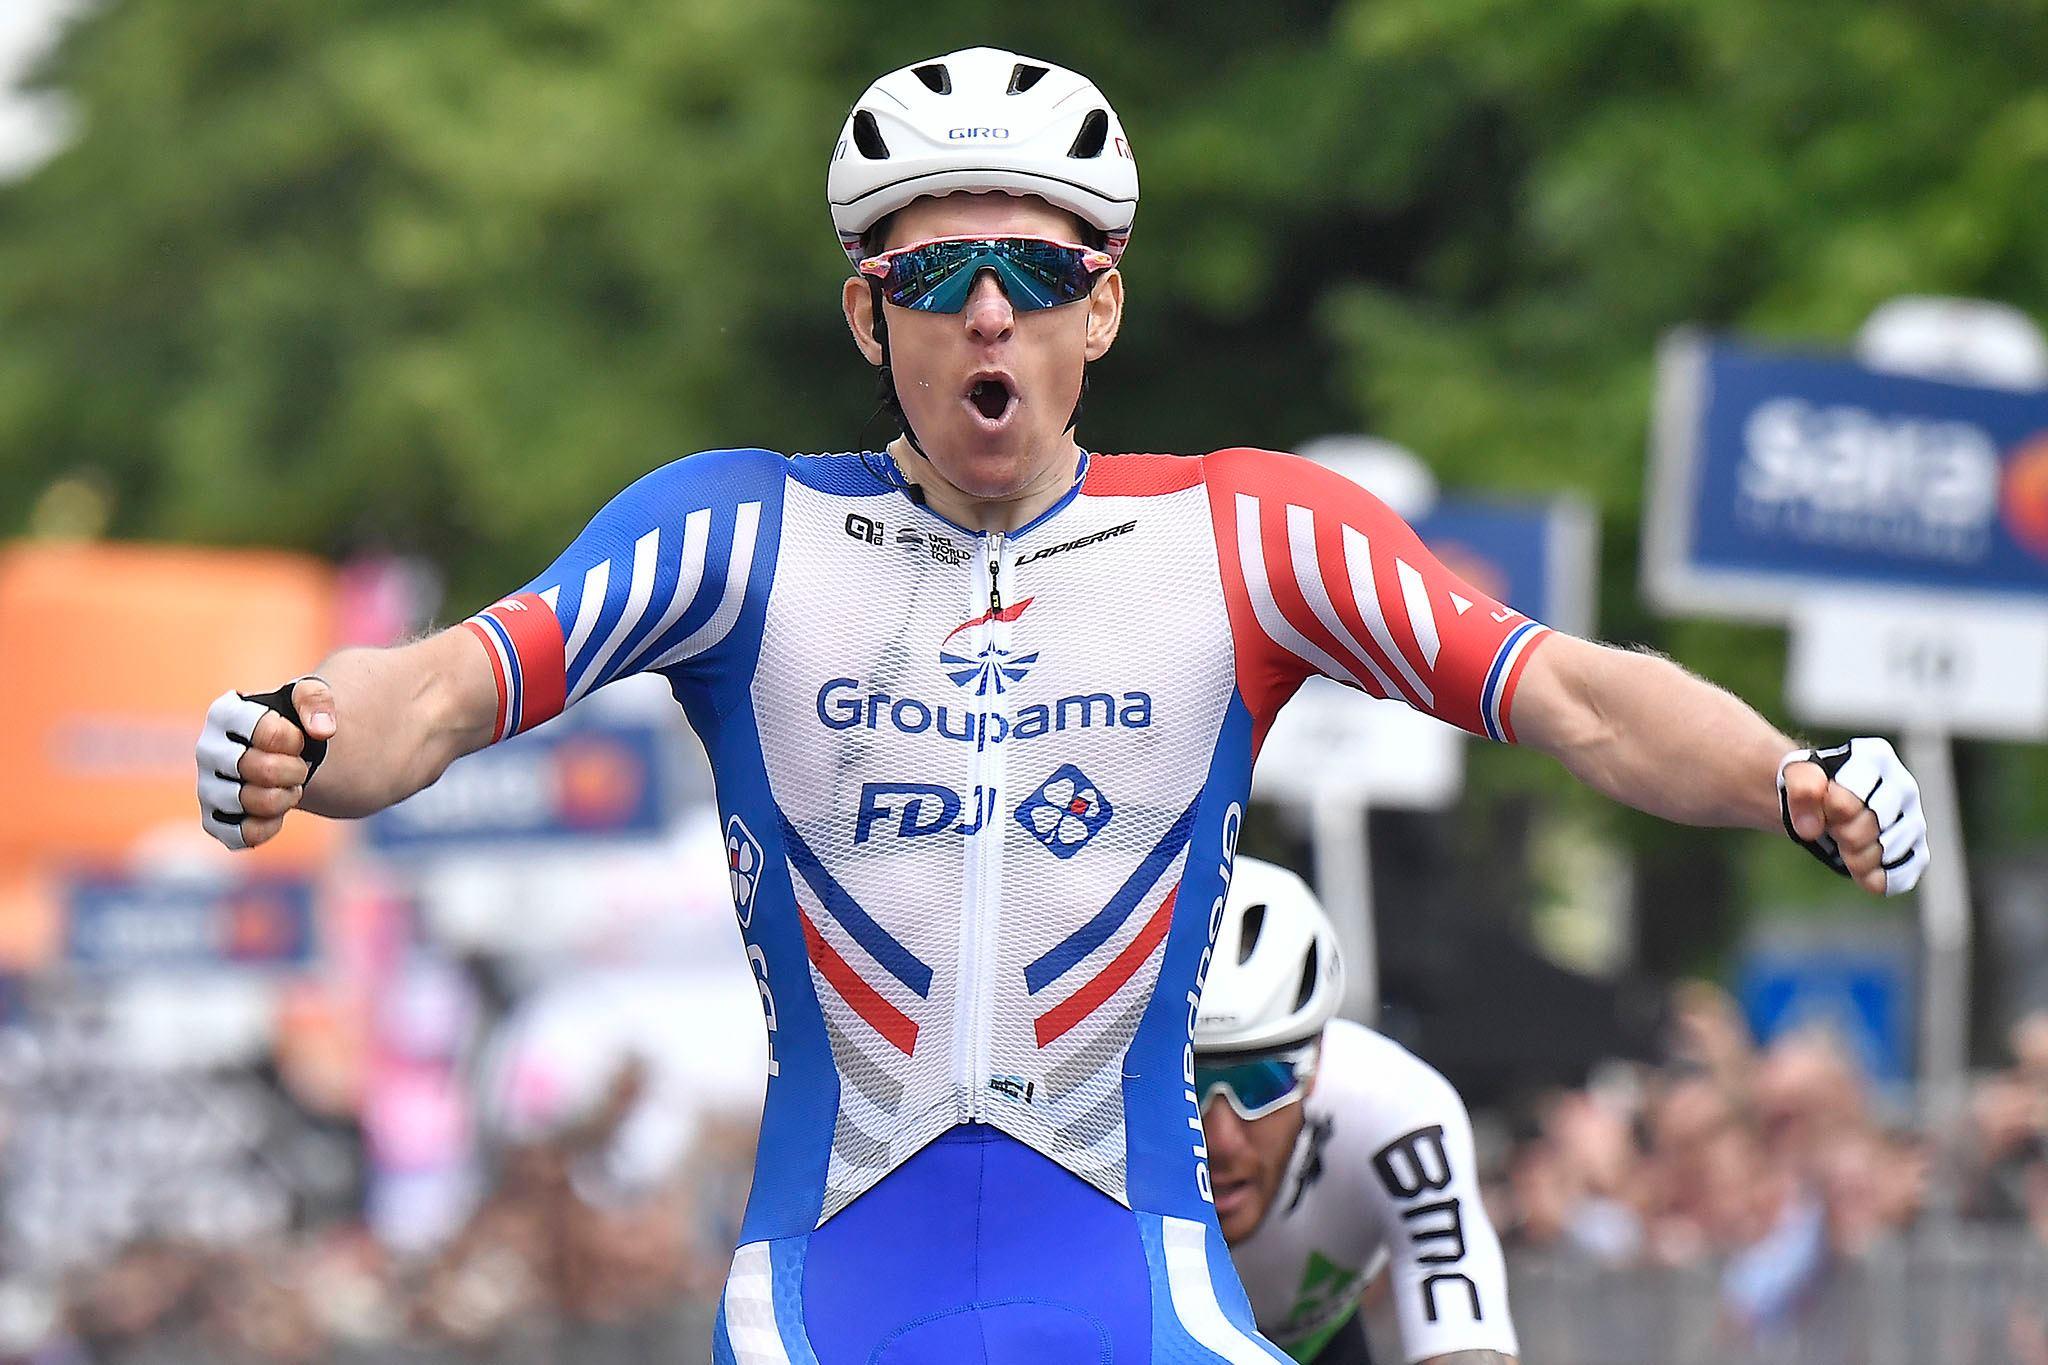 Арно Демар выиграл десятый этап «Джиро д'Италии»